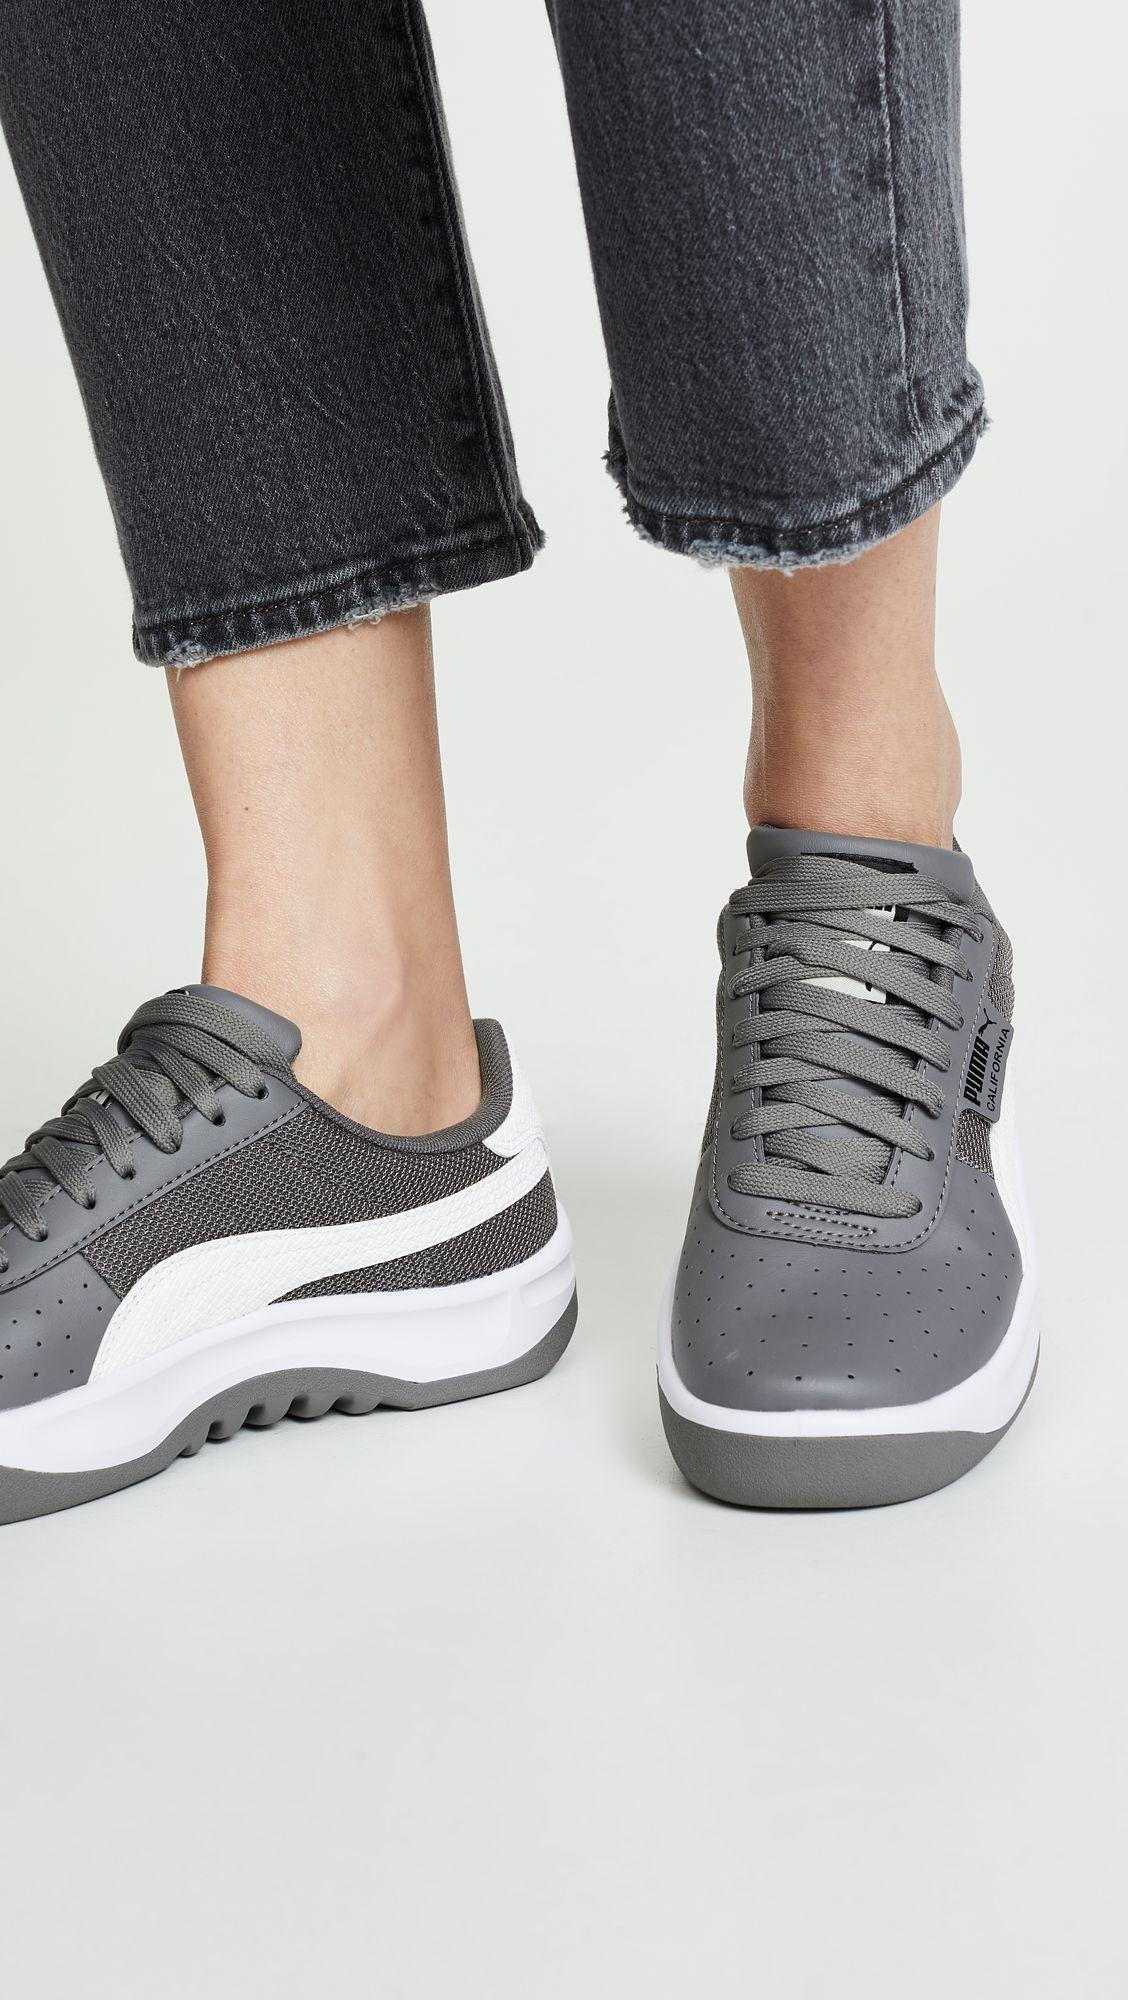 efaec3038d6bc California Scratch Sneakers in 2019